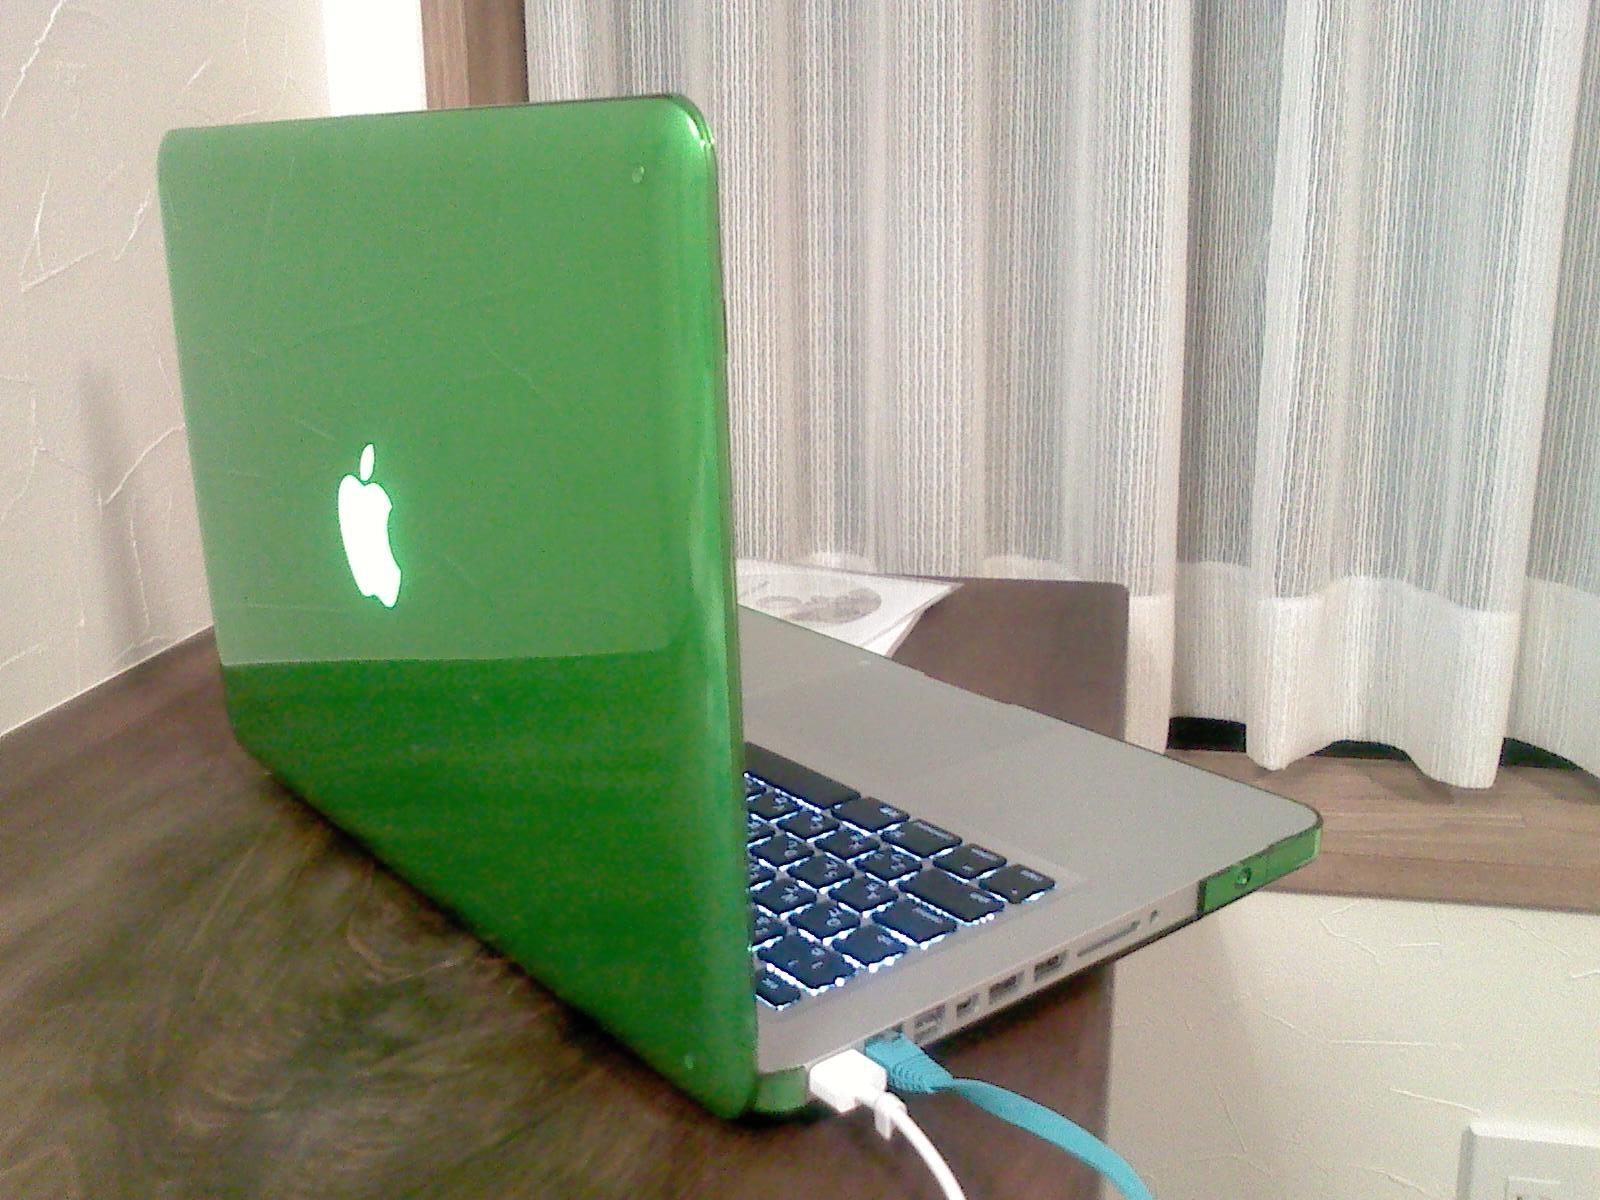 ついにあこがれのMacユーザーに_a0026530_044889.jpg